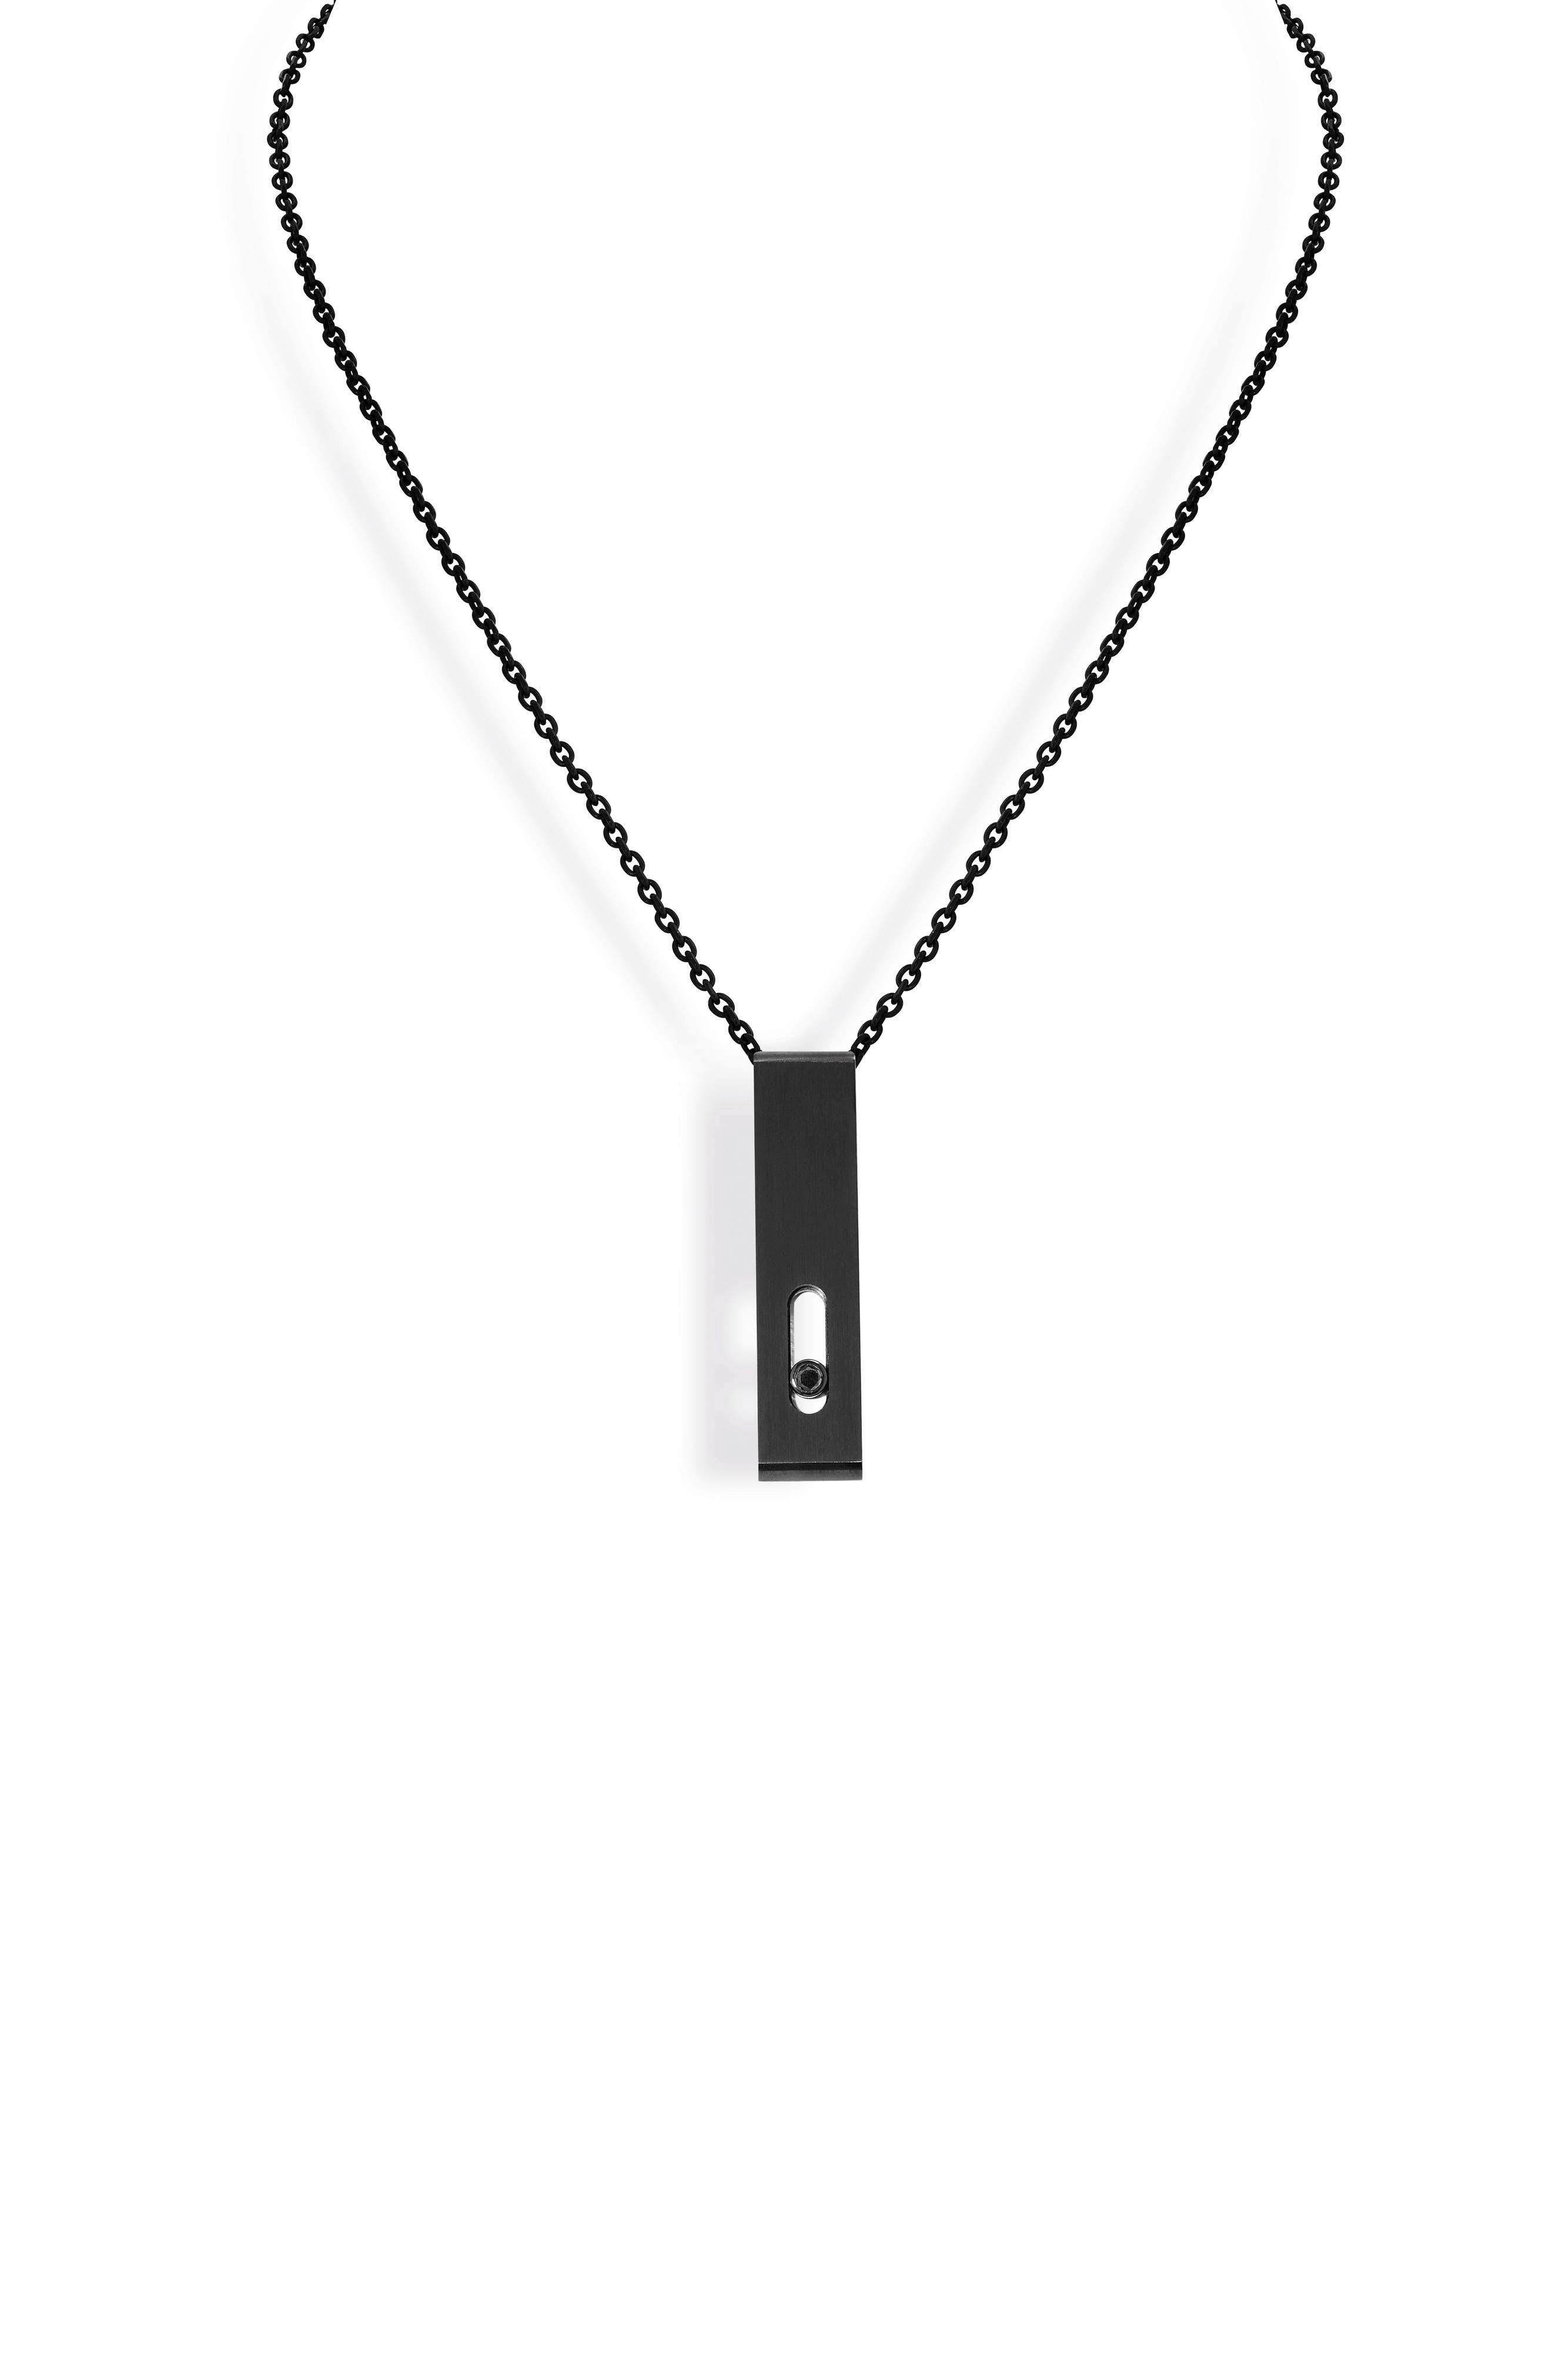 Titanium Move Diamond Pendant Necklace,                         Main,                         color, TITANIUM